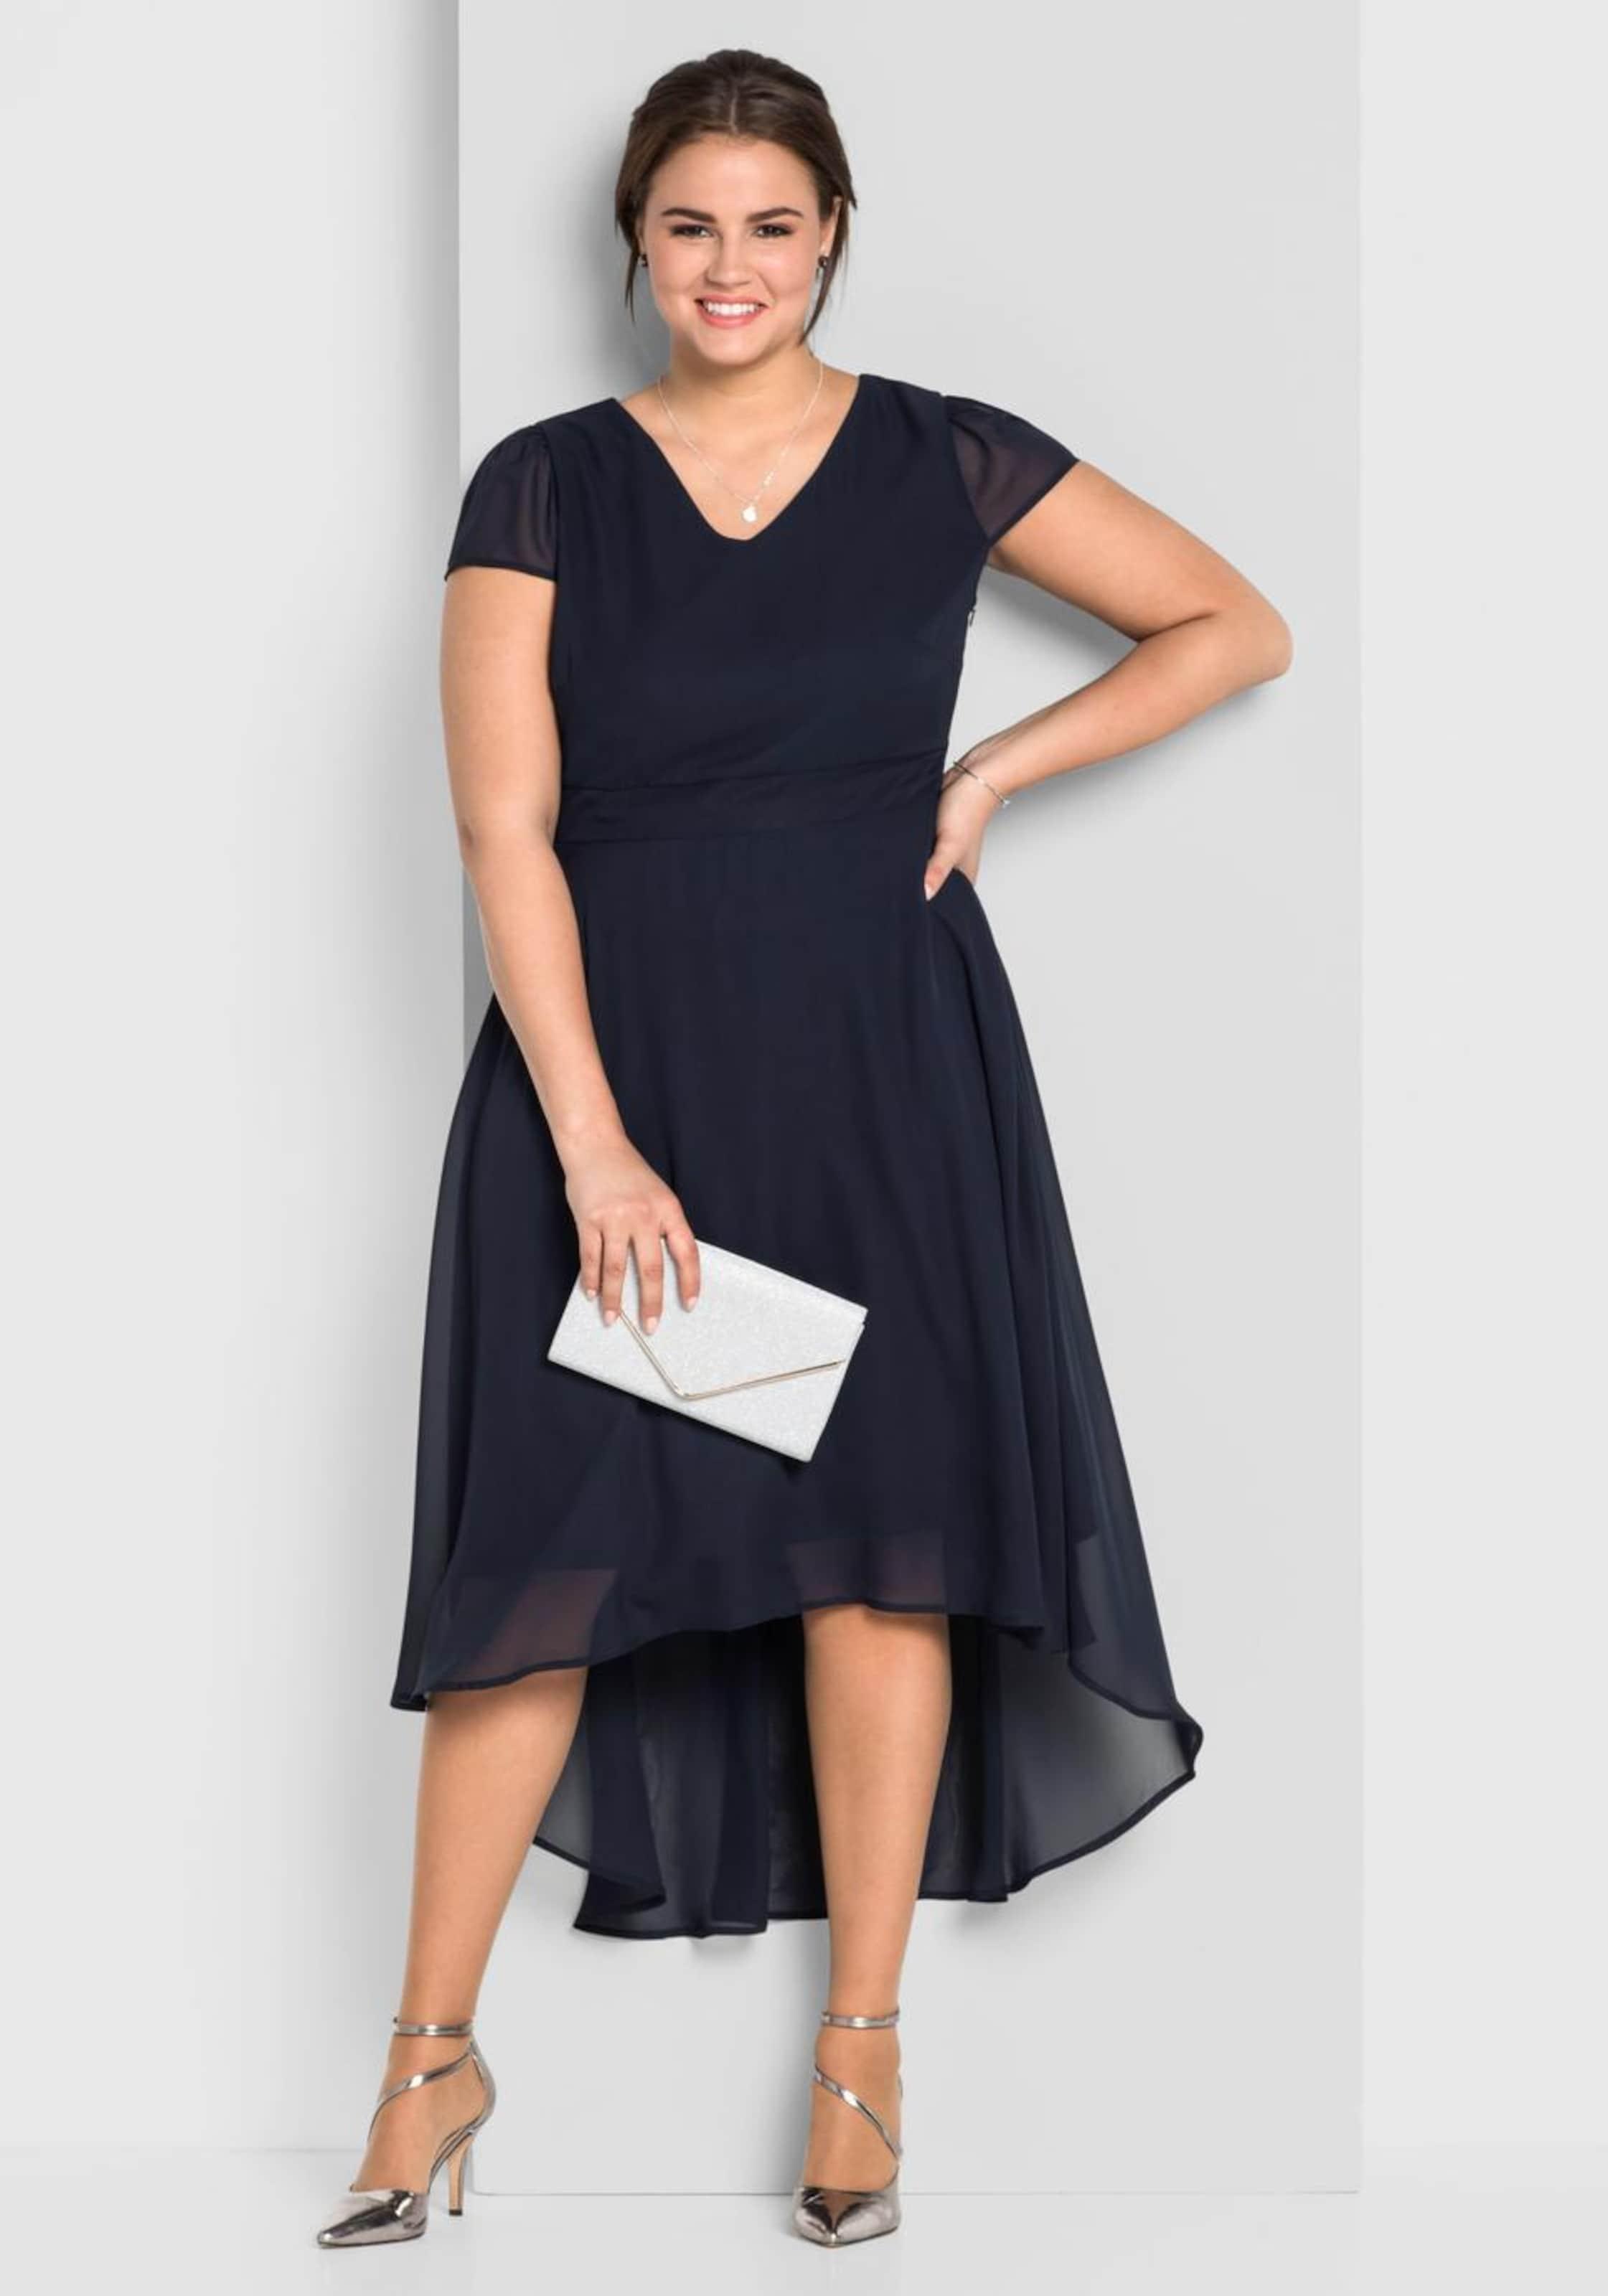 Abendkleid Sheego Nachtblau Sheego Abendkleid Style Style Nachtblau Style In Abendkleid Sheego In In gb7vf6yYI